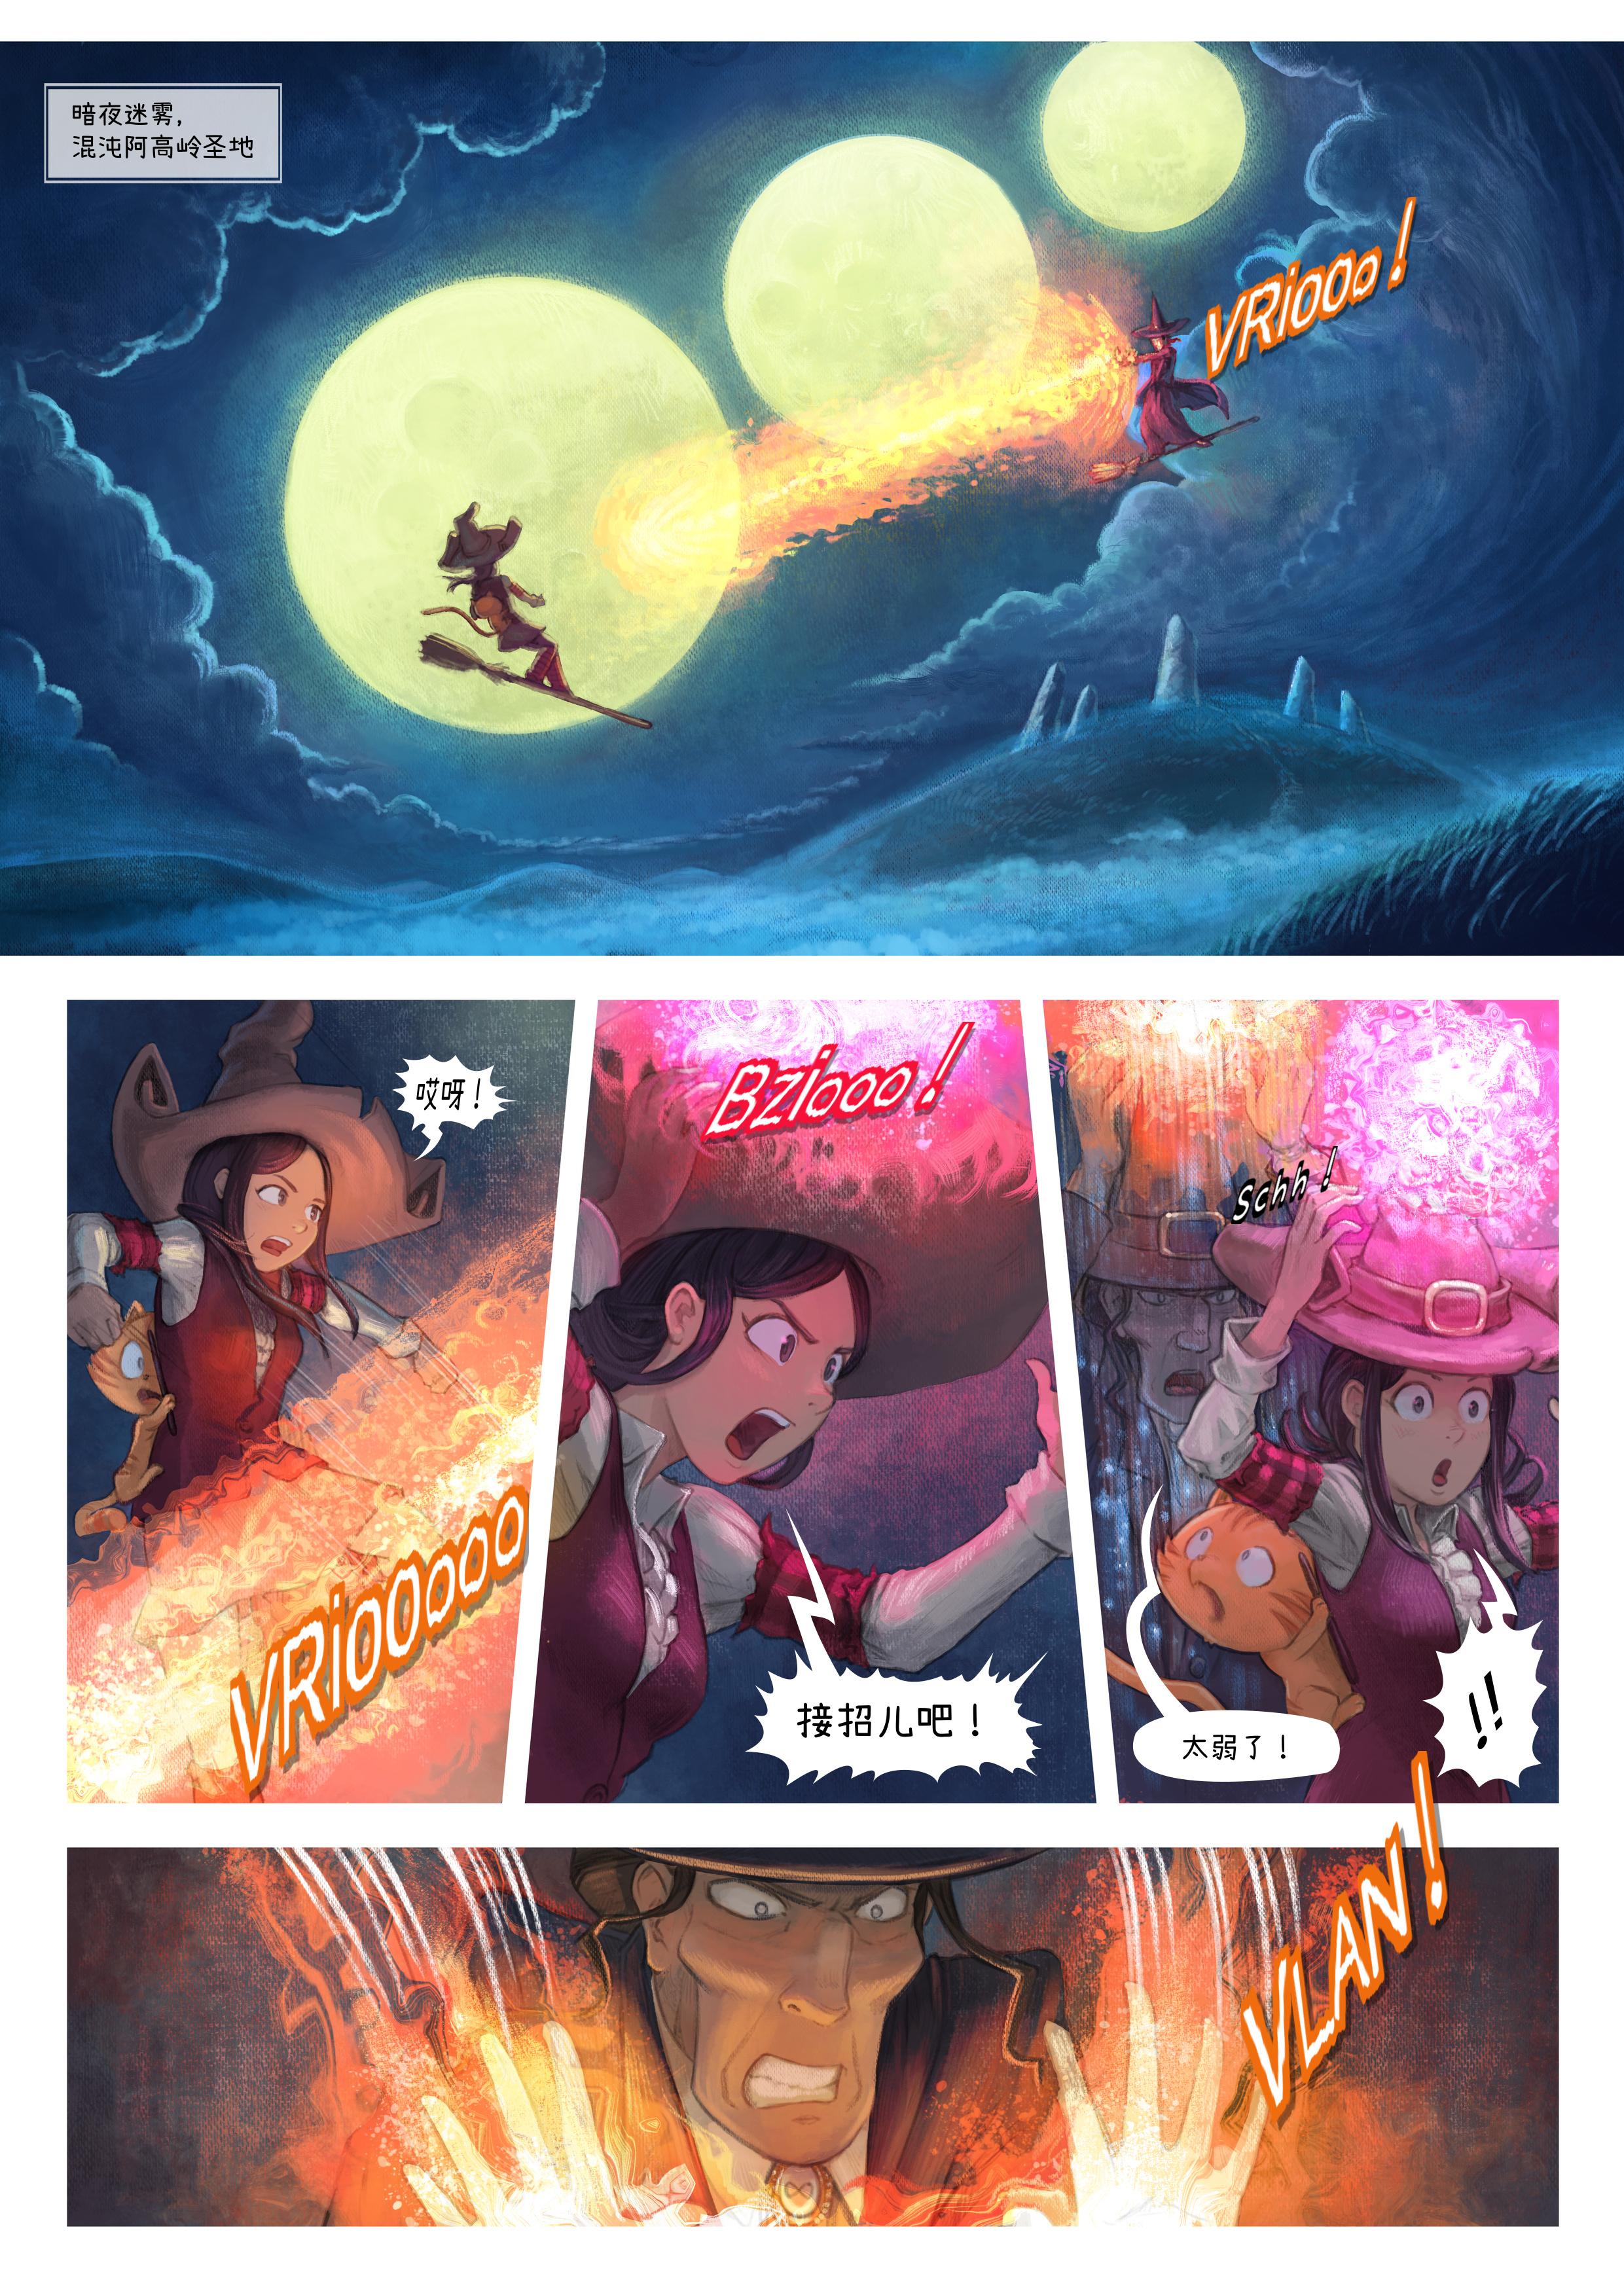 第31集:战斗, Page 1